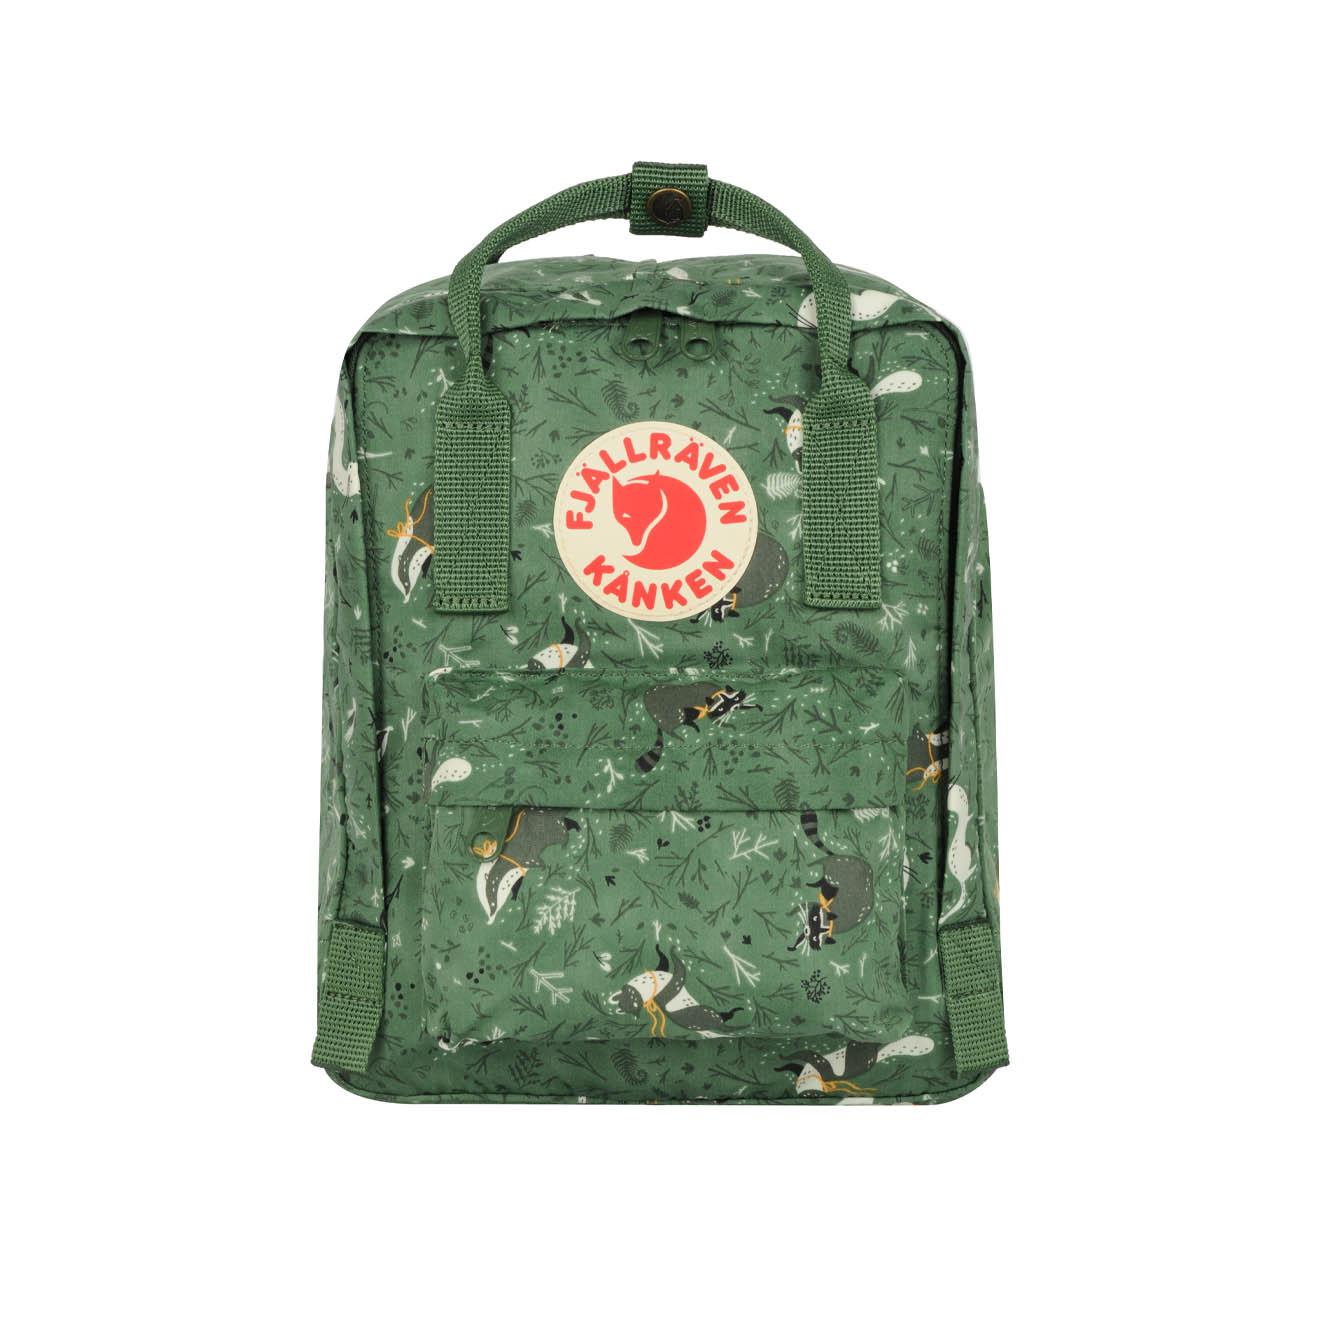 7b8782af0793c Fjallraven Kanken Art Mini Backpack Green Fable - The Sporting Lodge